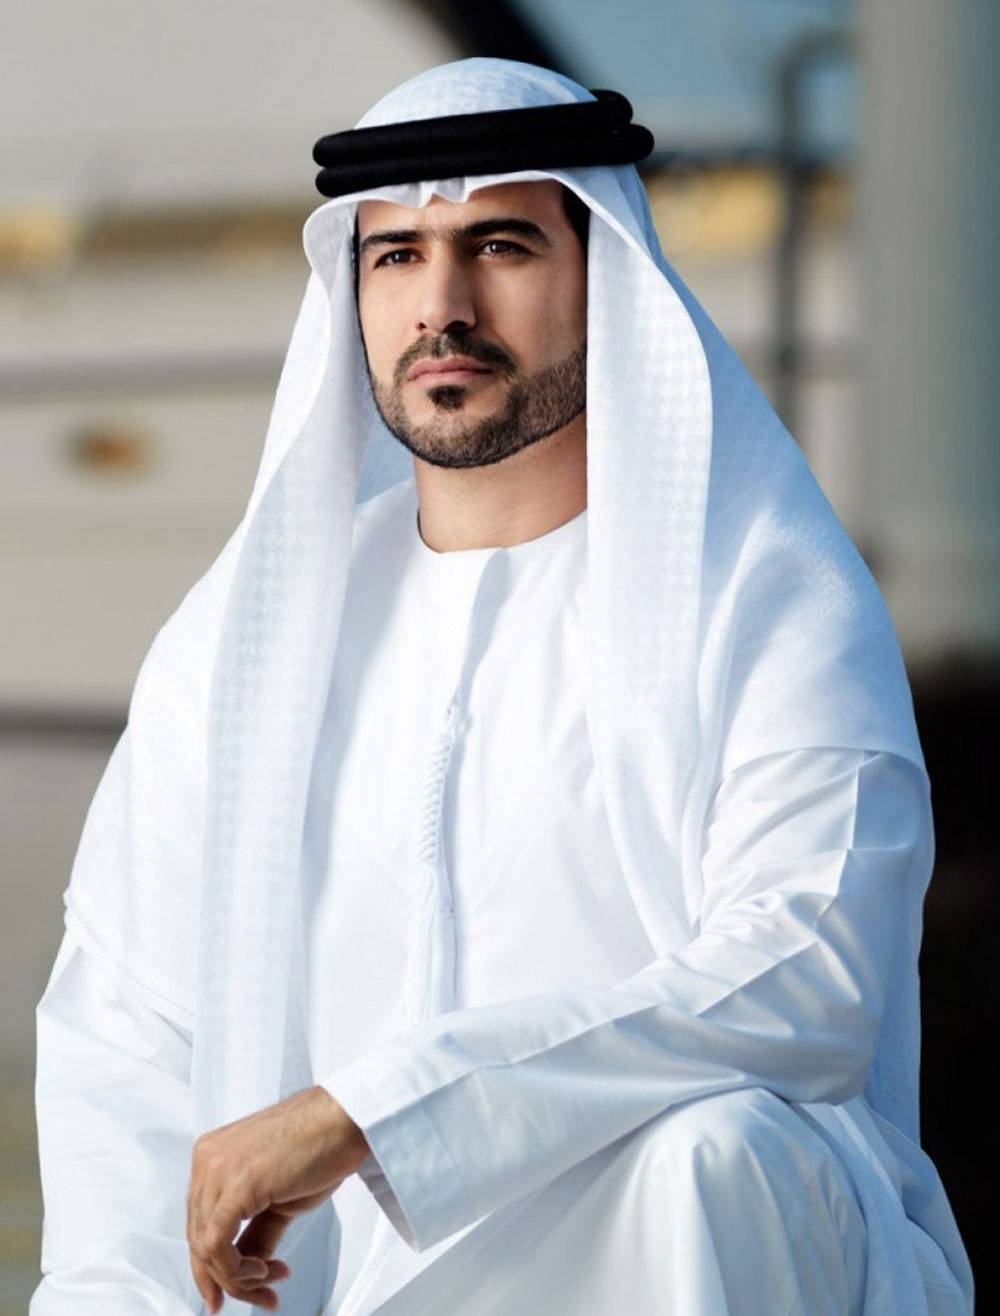 Одежда саудовская аравия